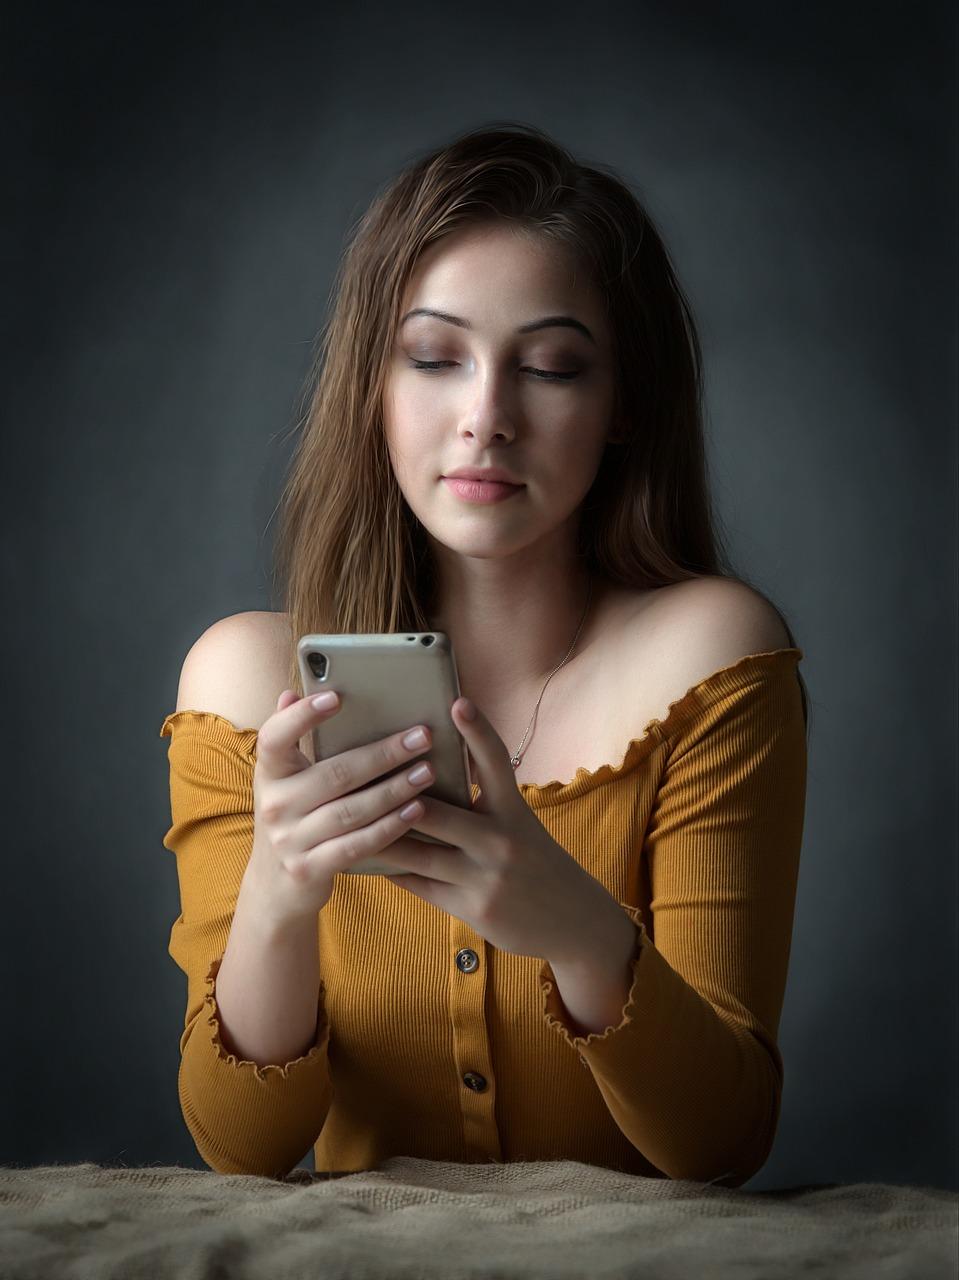 Девушка сидит в телефоне картинки